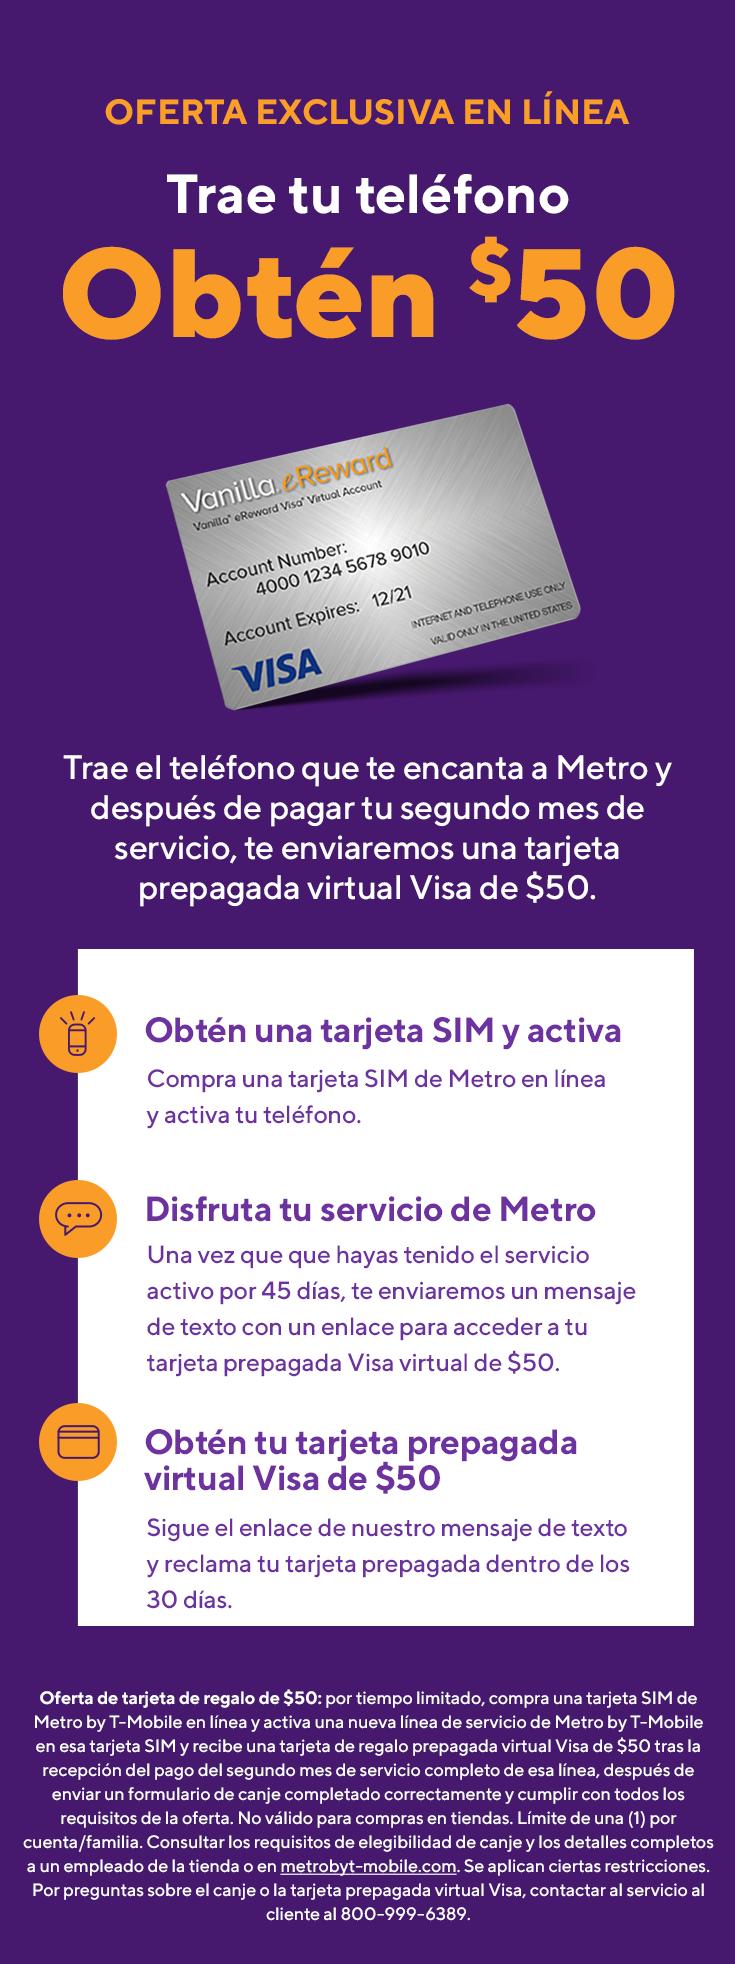 ¡Oferta en línea! Trae tu teléfono y obtén una tarjeta de regalo Visa de $50. Metro by T-Mobile.